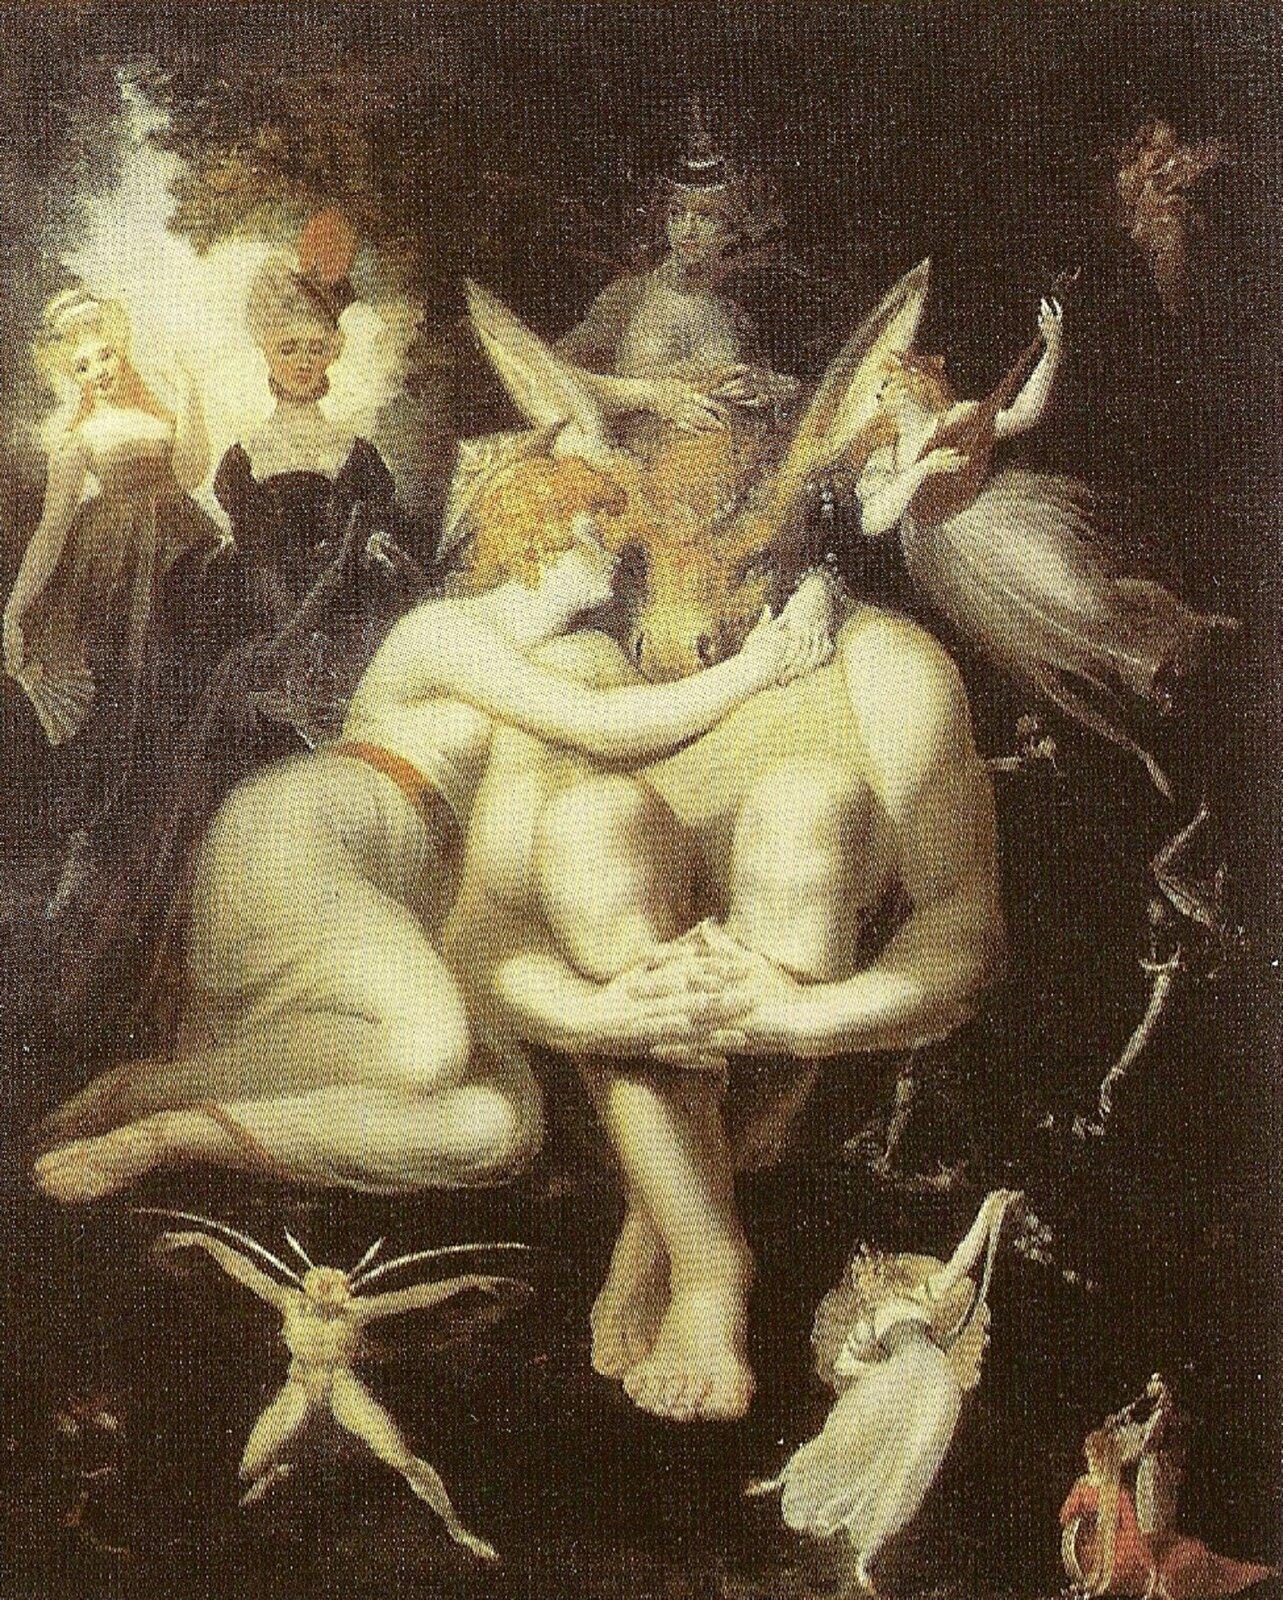 """Obraz nieznanego autora pod tytułem """"Apulejusz zmienia się wosła"""" przedstawia scenę przemiany Apulejusza wosła – mężczyzna znajduje się wcentrum obrazu, jest skulony. Jego głowa zamieniła się łeb osła, jego ciało jeszcze wygląda normalnie inie zostało poddane przemianie. Obok Apulejusza zlewej strony znajduje się rudowłosa kobieta, która tuli się do mężczyzny – jest wyraźnie smutna. Nad mężczyzną ikobietą znajduje się postać, która trzyma dłonie na sierści zmienionego mężczyzny. Zlewej strony znajdują się dwie kobiety, ubrane wdługie ciemne suknie, obie spoglądają zzaciekawieniem na sytuację. Wokół Apulejusza ijego kobiety obecne są wróżki, które tańczą zzadowolenia. Scena przemiany mężczyzny wosła odbywa się wlesie."""